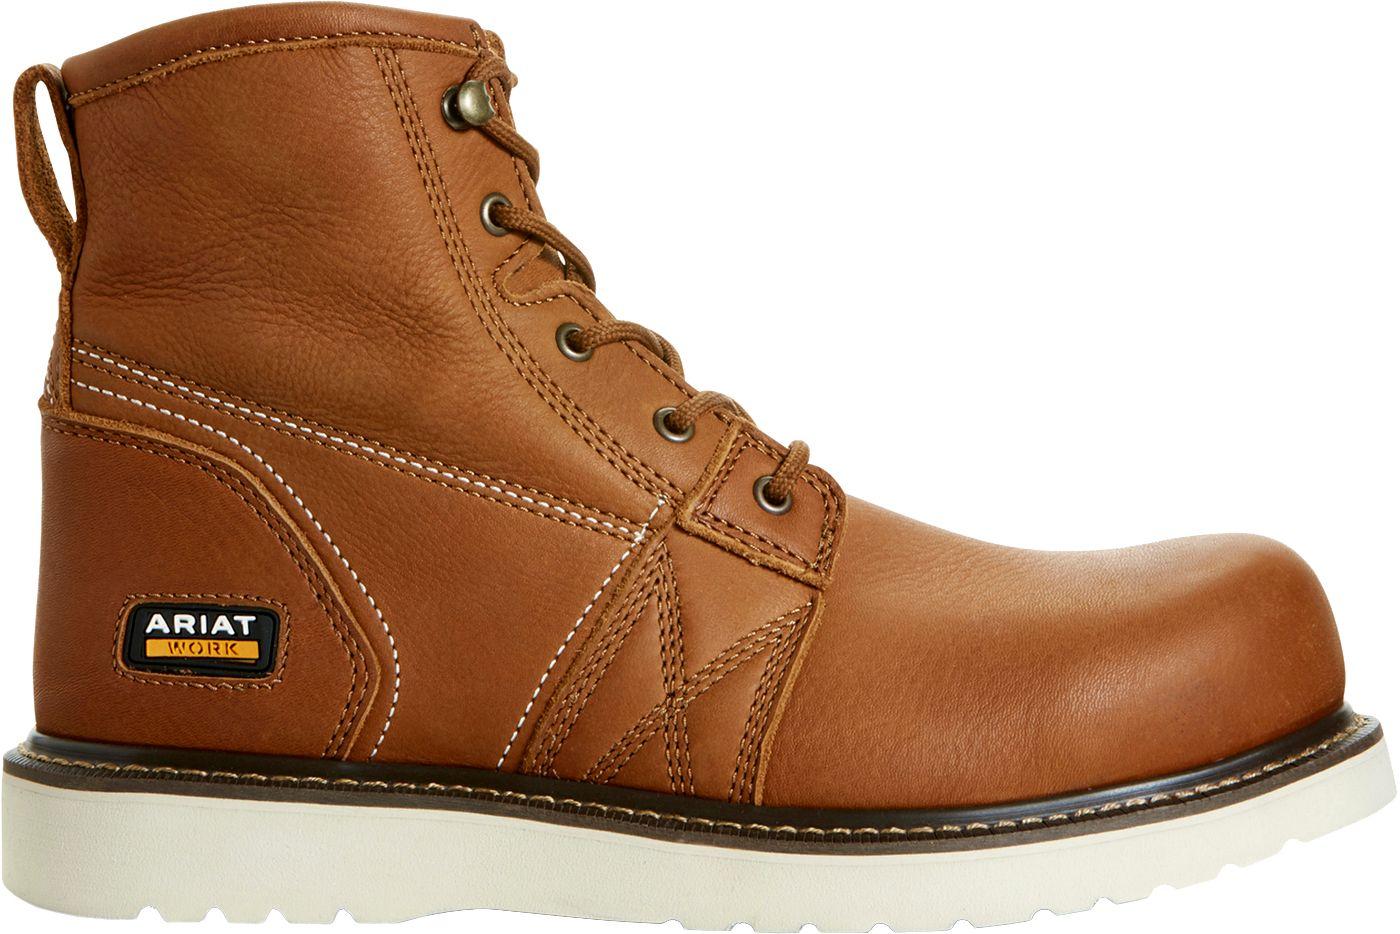 Ariat Men's Wedge 6'' Composite Toe Work Boots